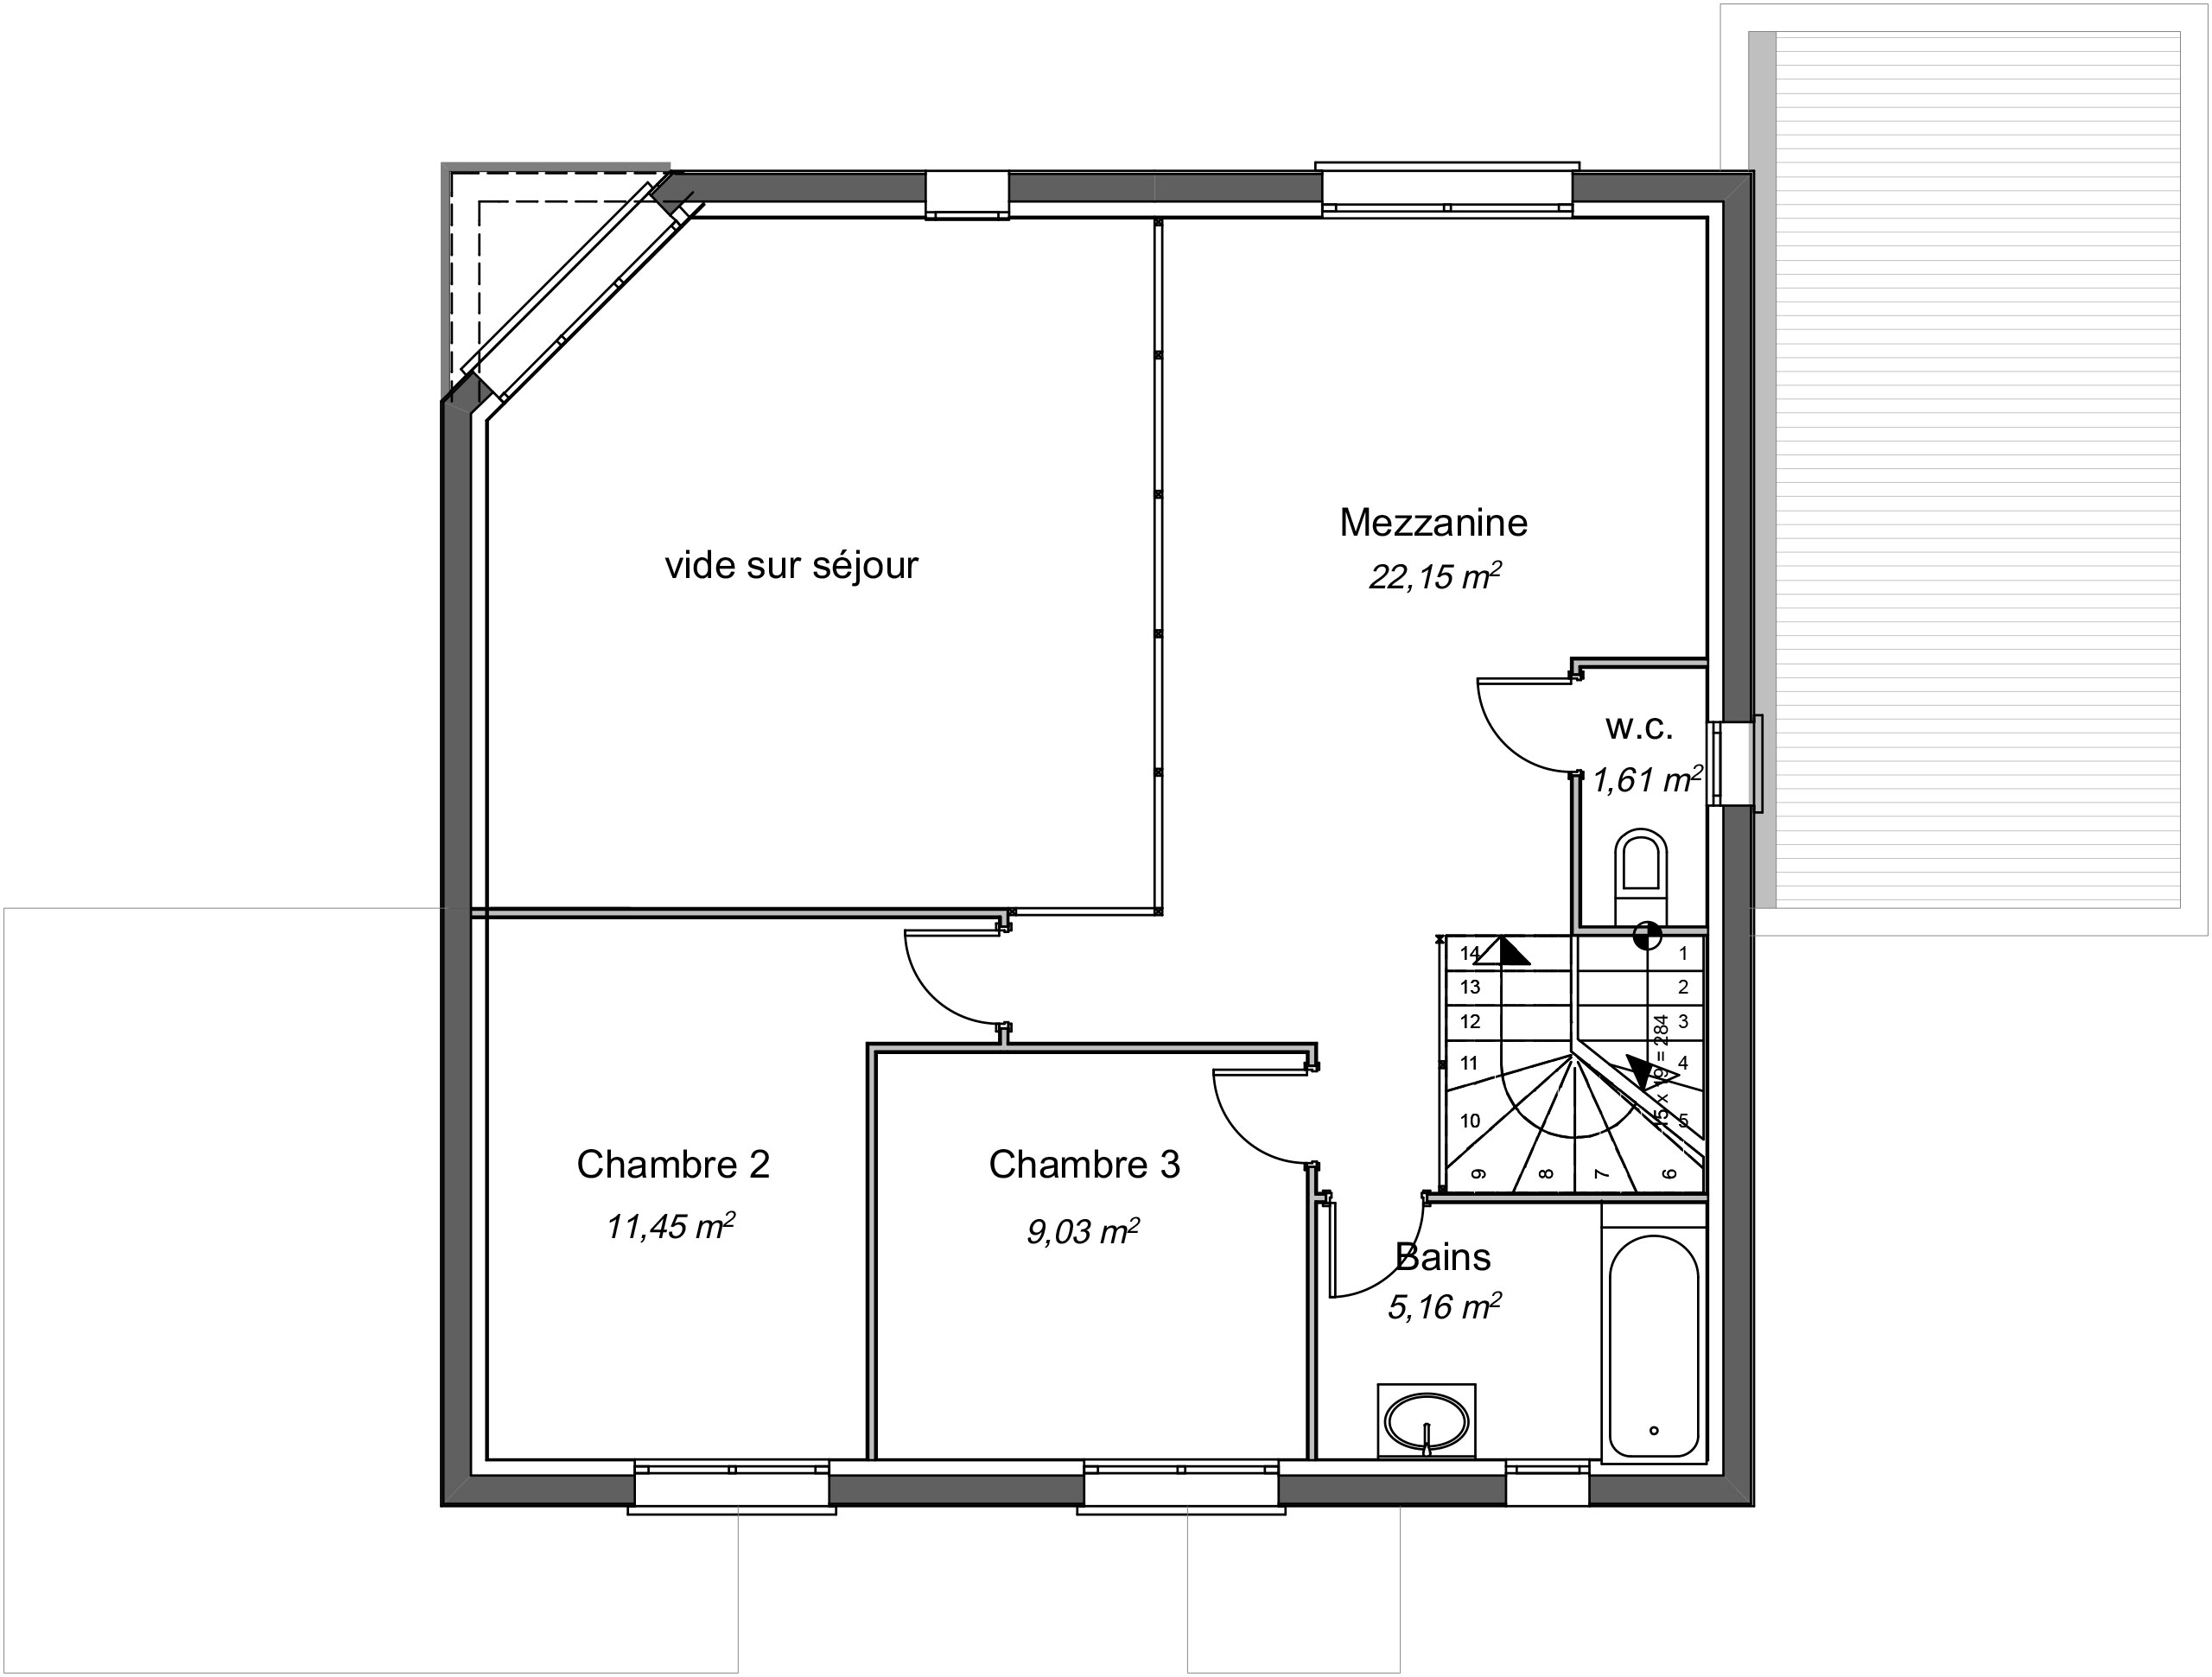 Maison Contemporaine Etage Baobab Avec Plans Demeures D Occitanie Constructeur Maison Individuelle Occitanie Region Sud